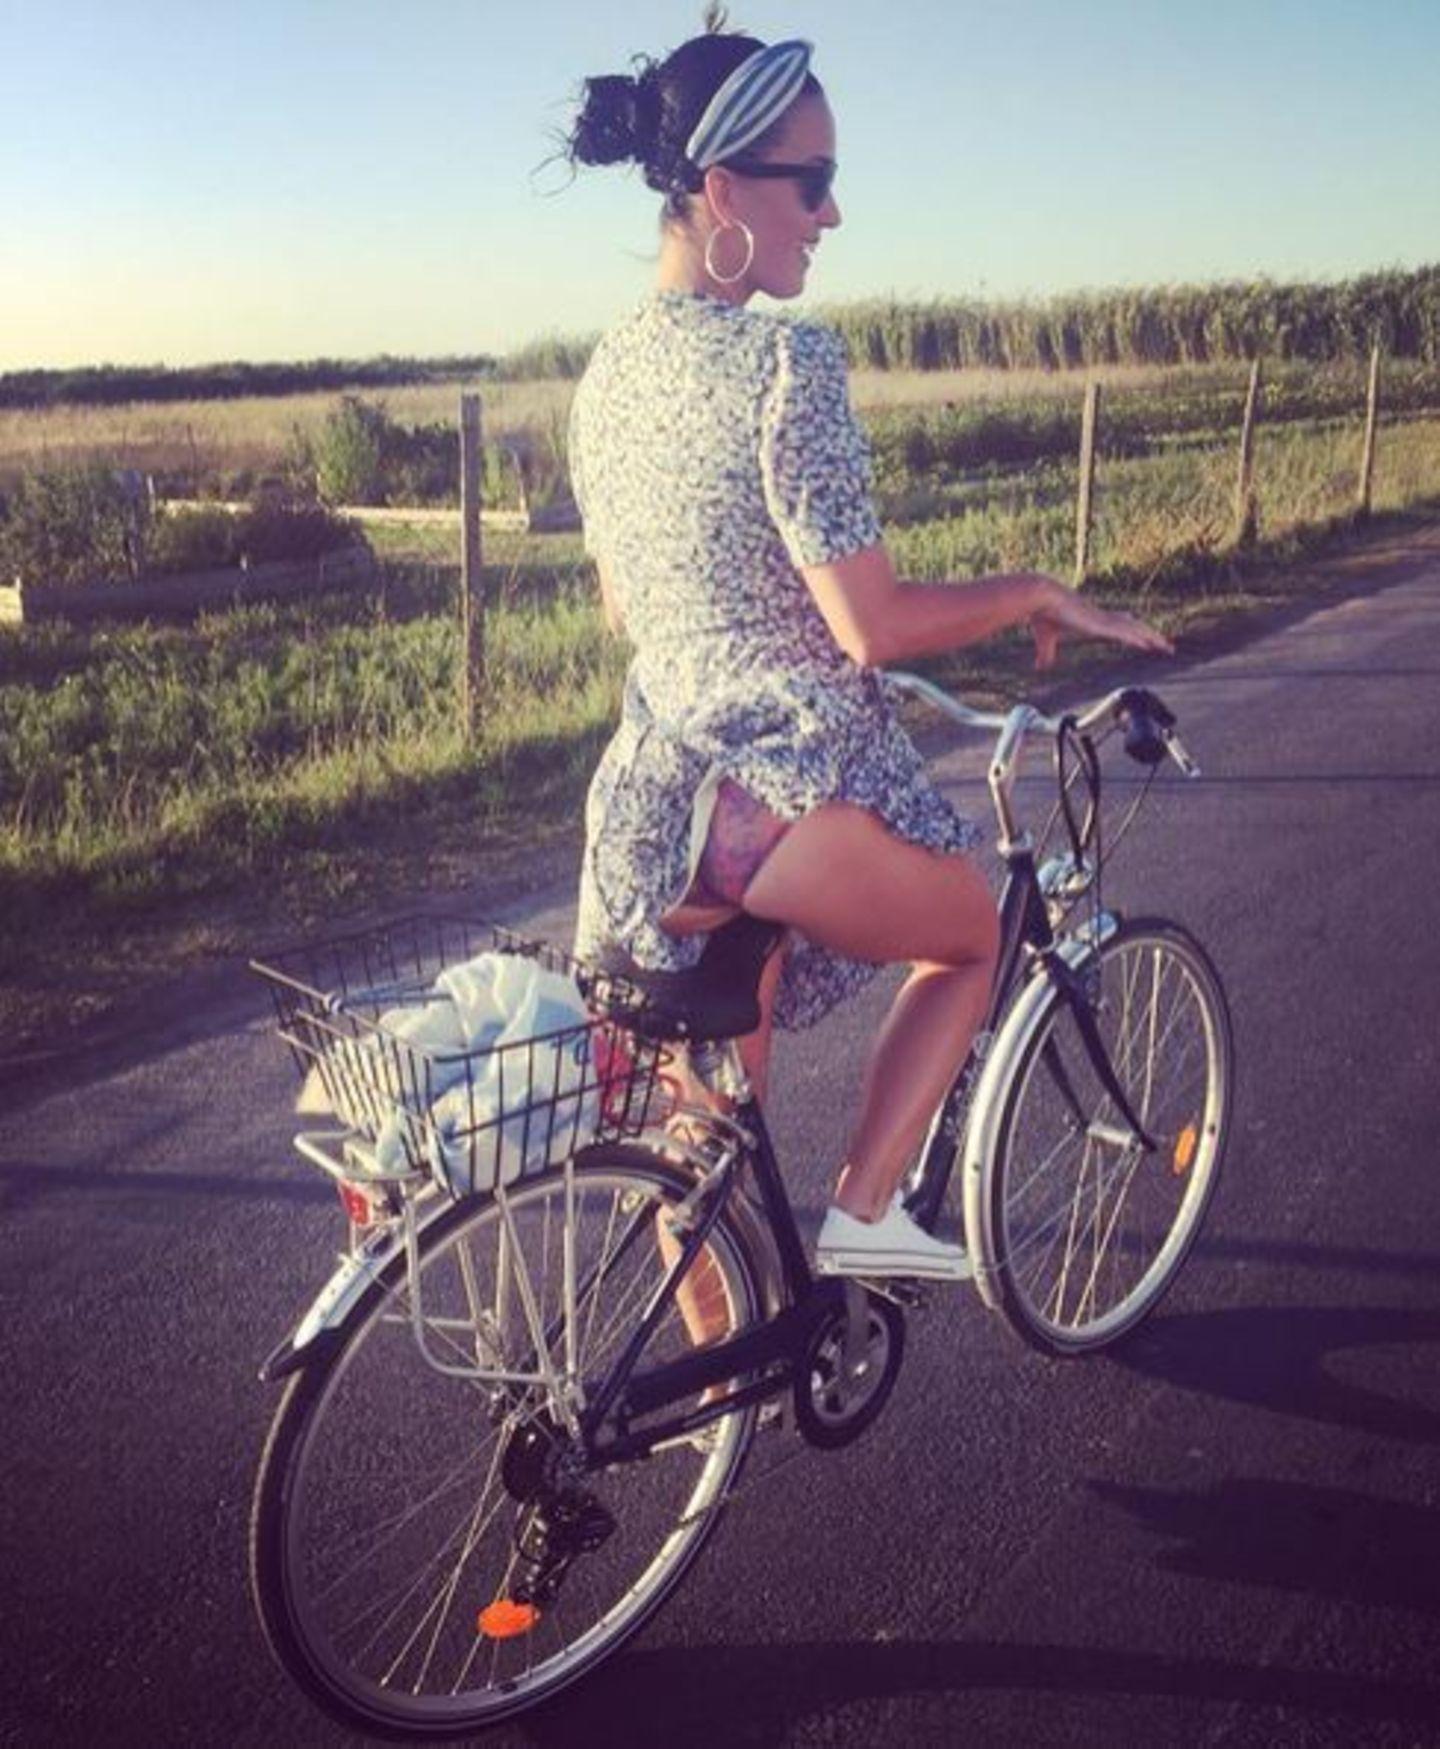 So ein Kleid hat beim Fahrradfahren so seine Tücken: Das bekommt auch Katy Perry bei ihrer Radtour in Frankreich zu spüren. Beim Aufsteigen blitzt der Po der Sängerin hervor. Die nimmt es gelassen und teilt das Foto auf Instagram.